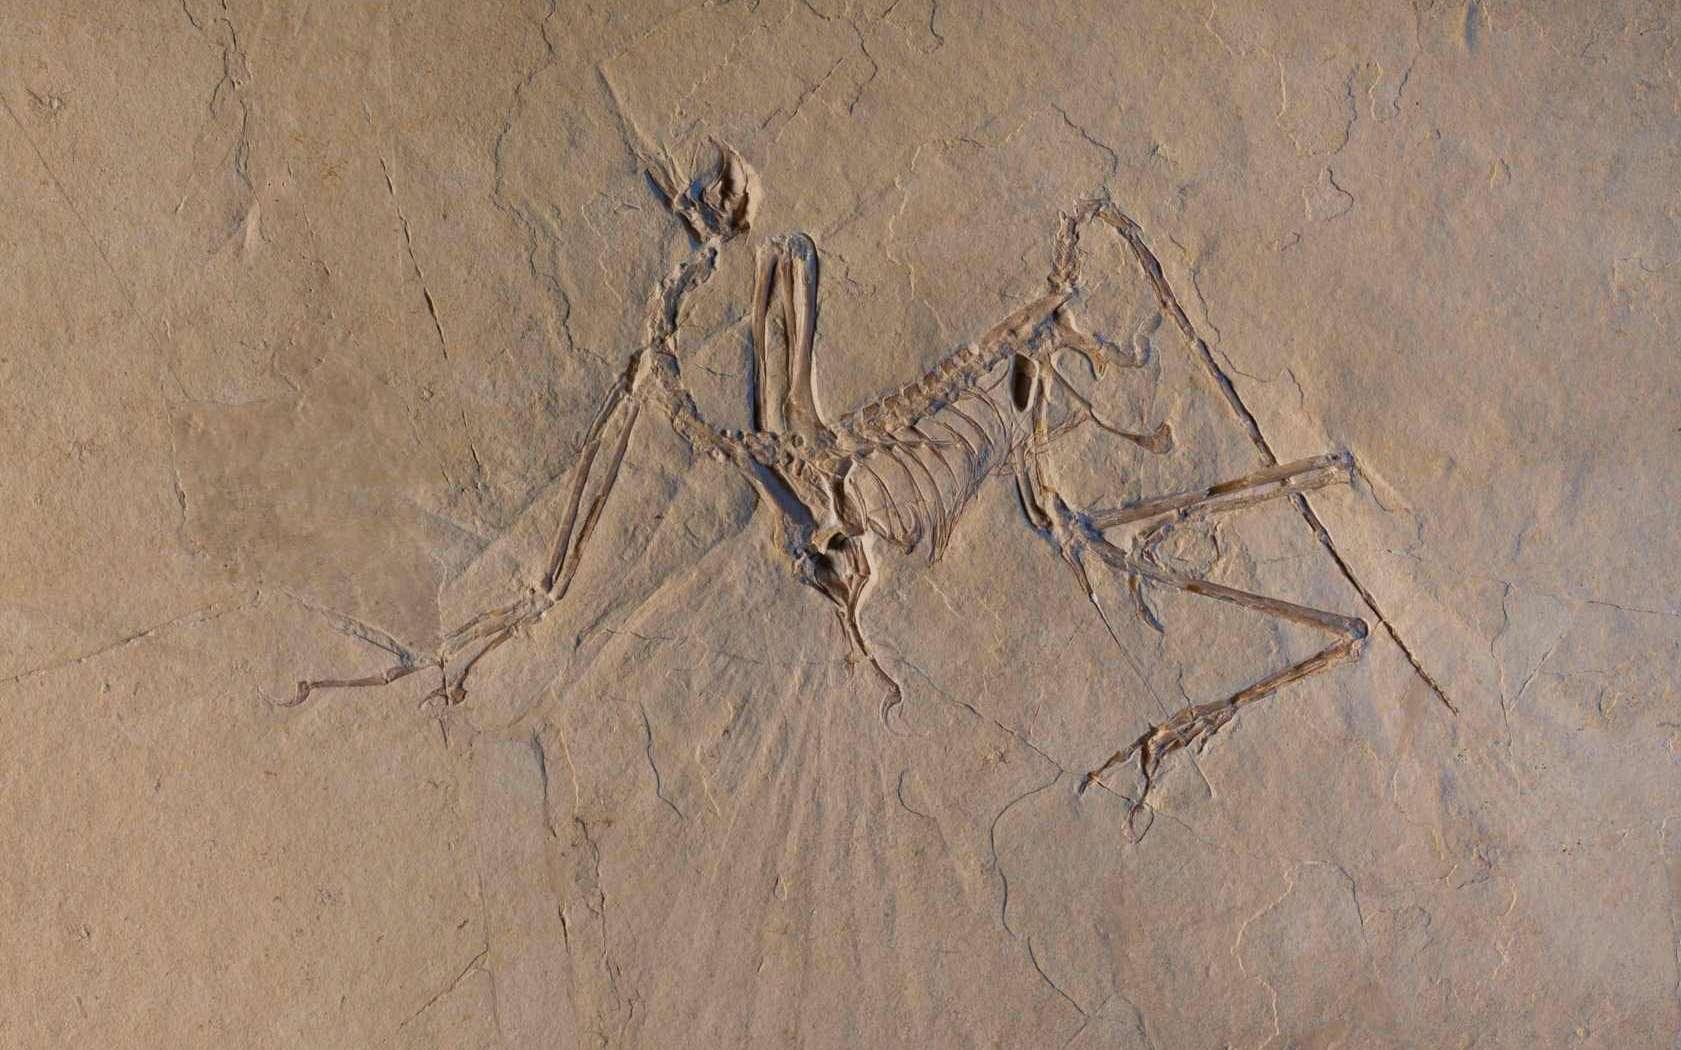 Le fossile de l'Archéoptéryx conservé au musée de Munich. © ESRF, Pascal Goetgheluck